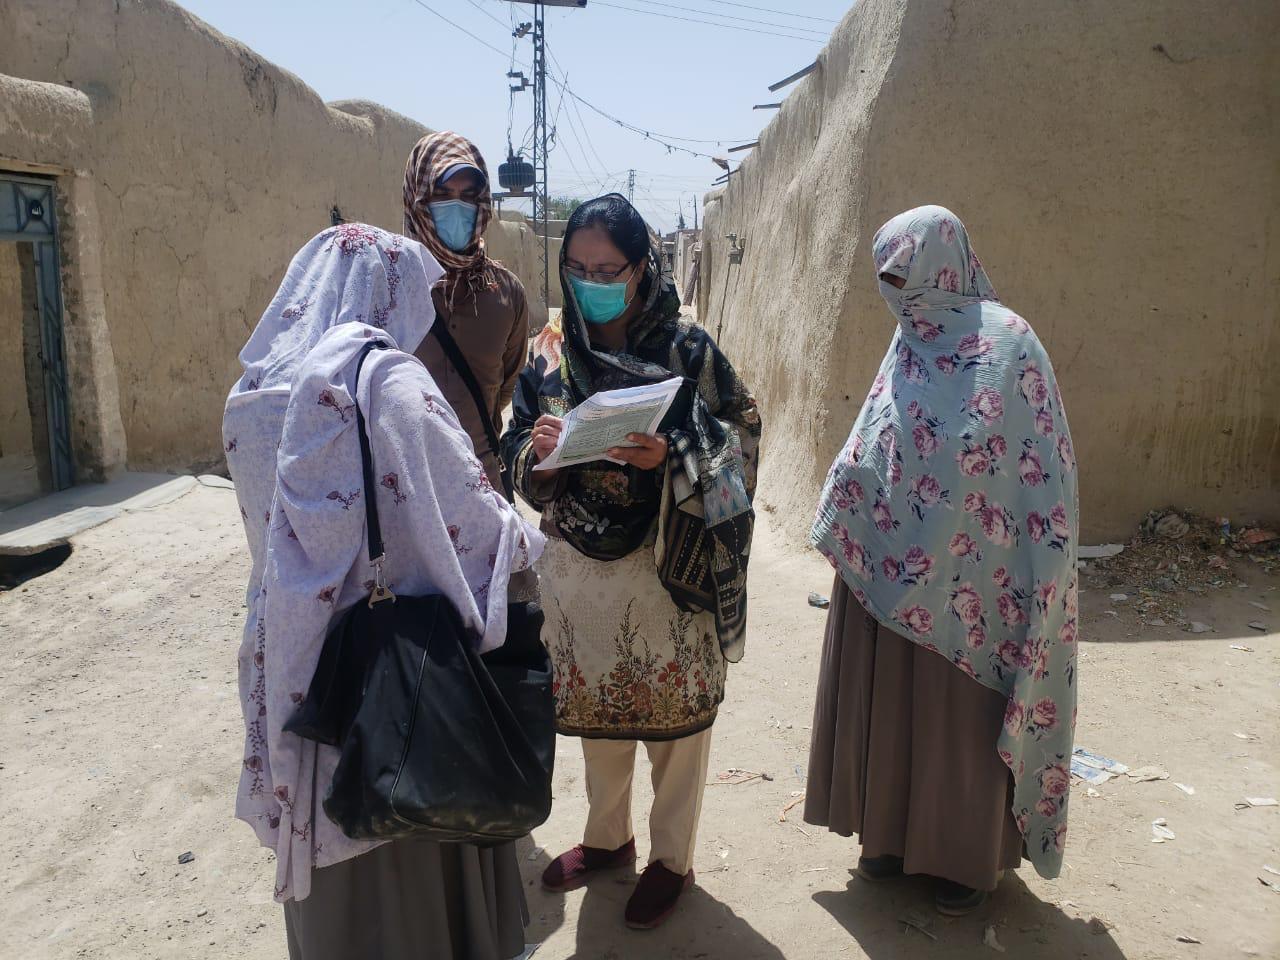 بلوچستان میں انسداد پولیو مہم، گھر گھر بچوں کو حفاظتی ٹیکے